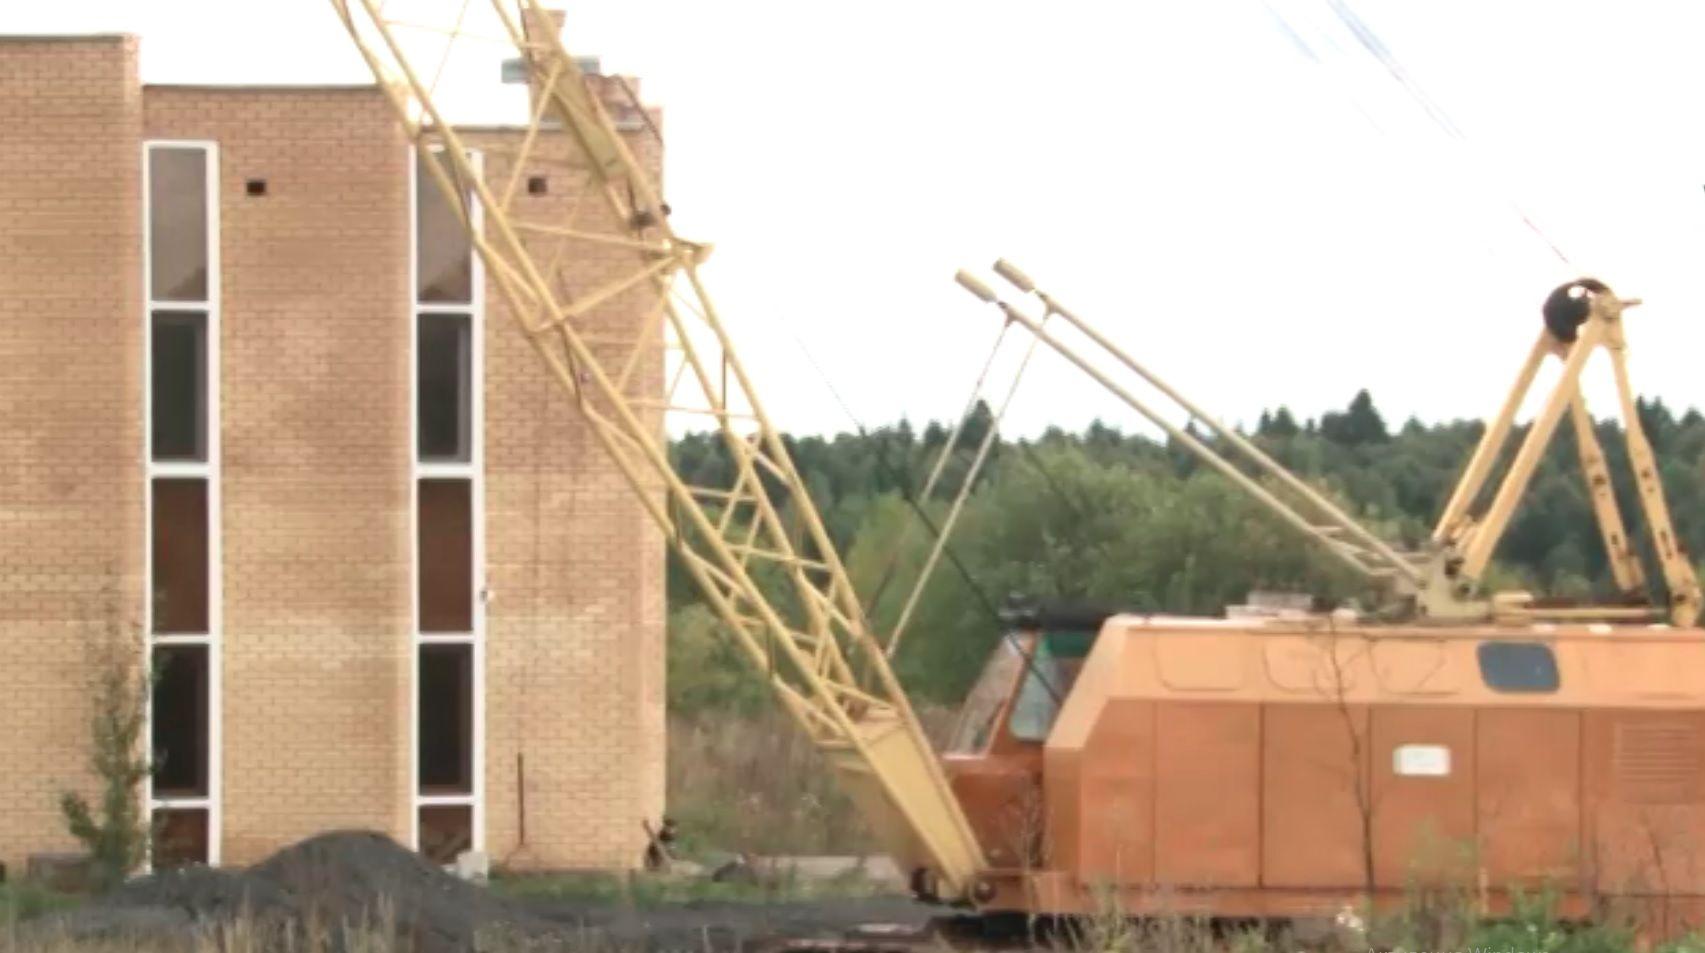 Около 232 миллионов рублей нужно на достройку крематория в Перми